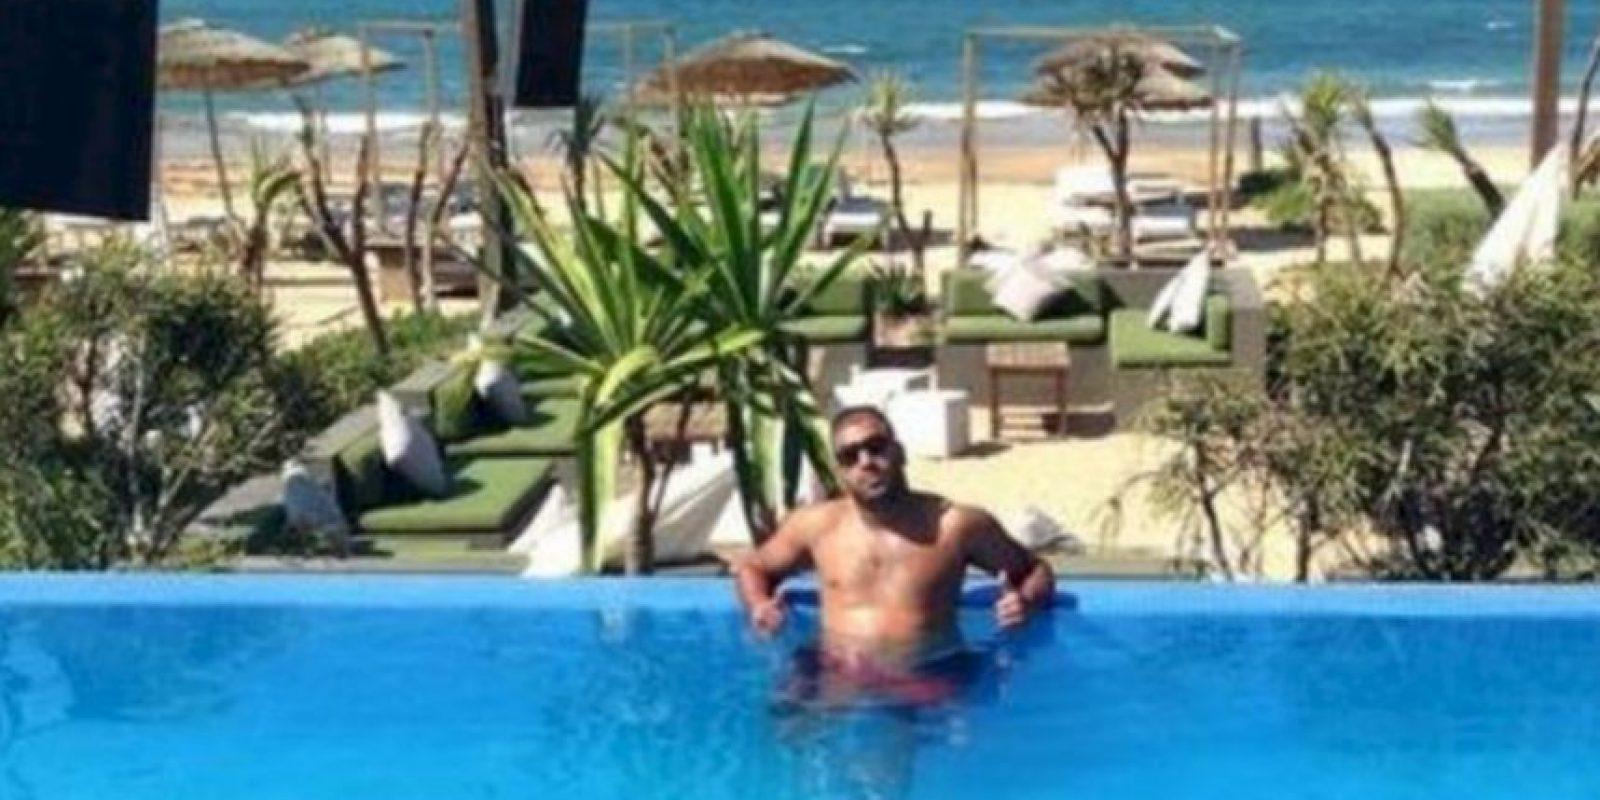 Nabil Ibelati robó una joyería en Cannes. Foto:Facebook